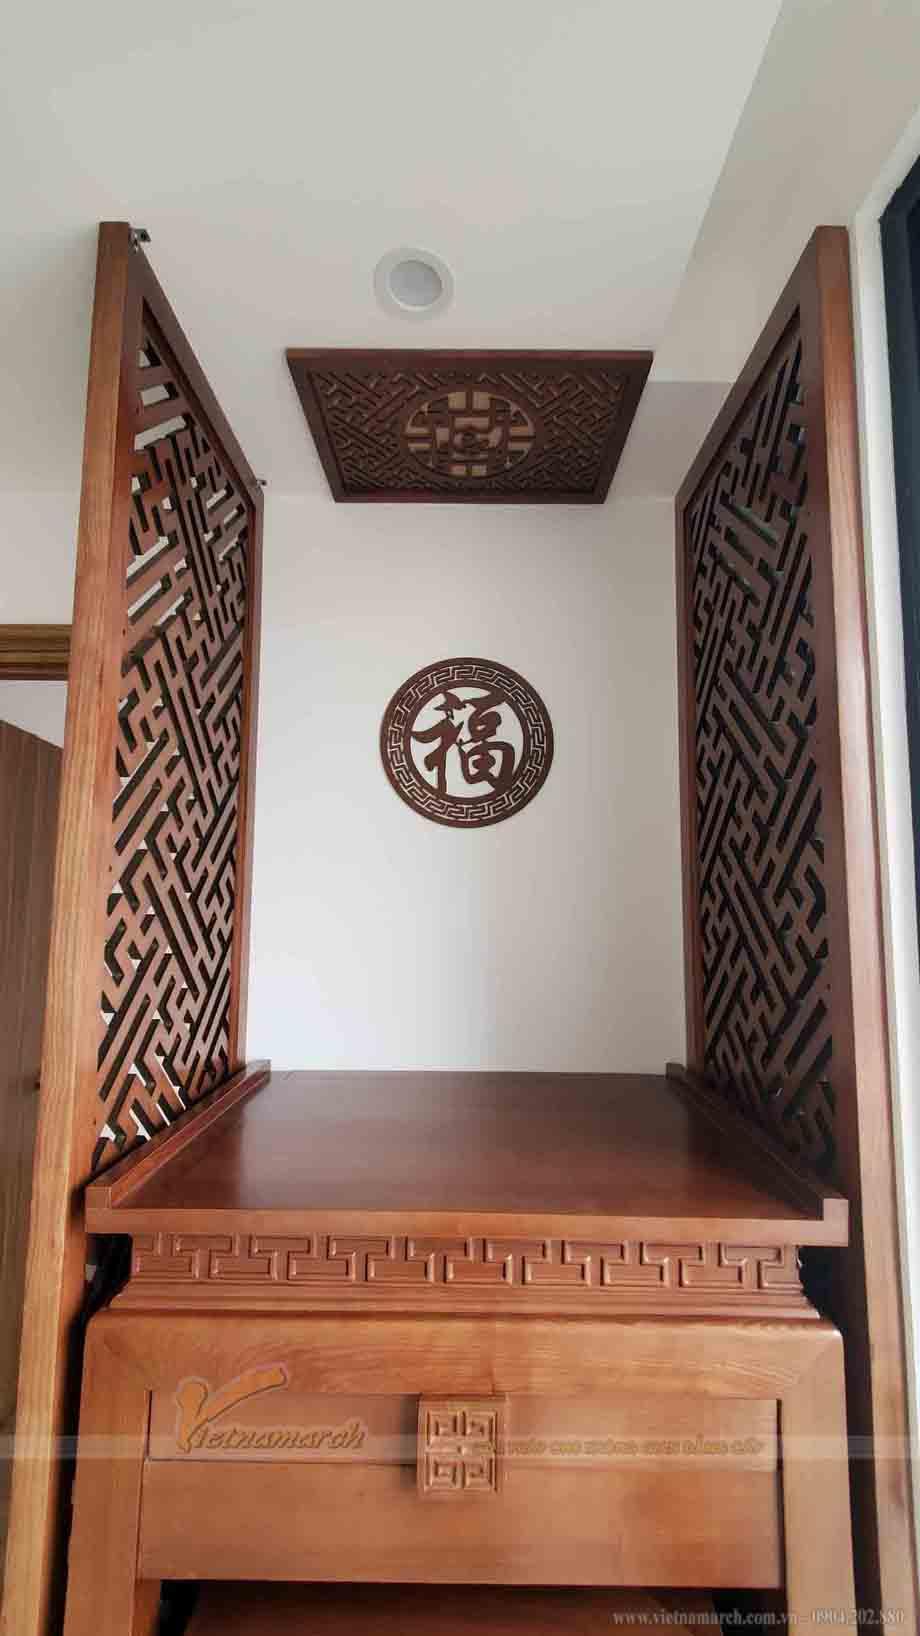 Mẫu bàn thờ đi kèm với tấm chắn ám khói kích thước lớn để có thể làm đúng công năng của nó .